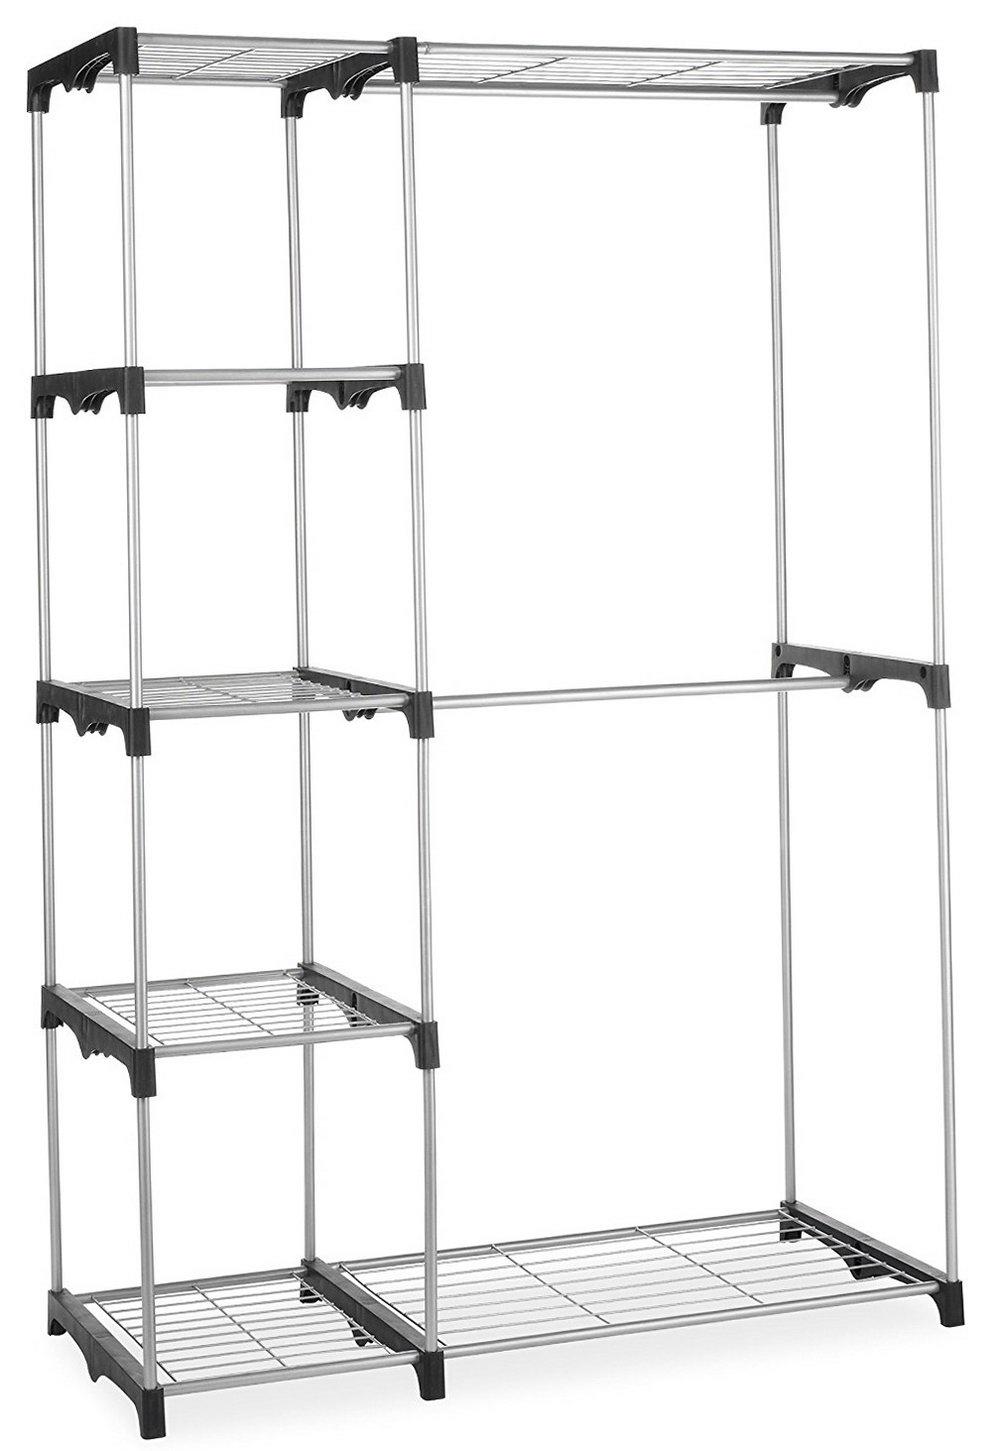 Closet Storage Shelves Lowes